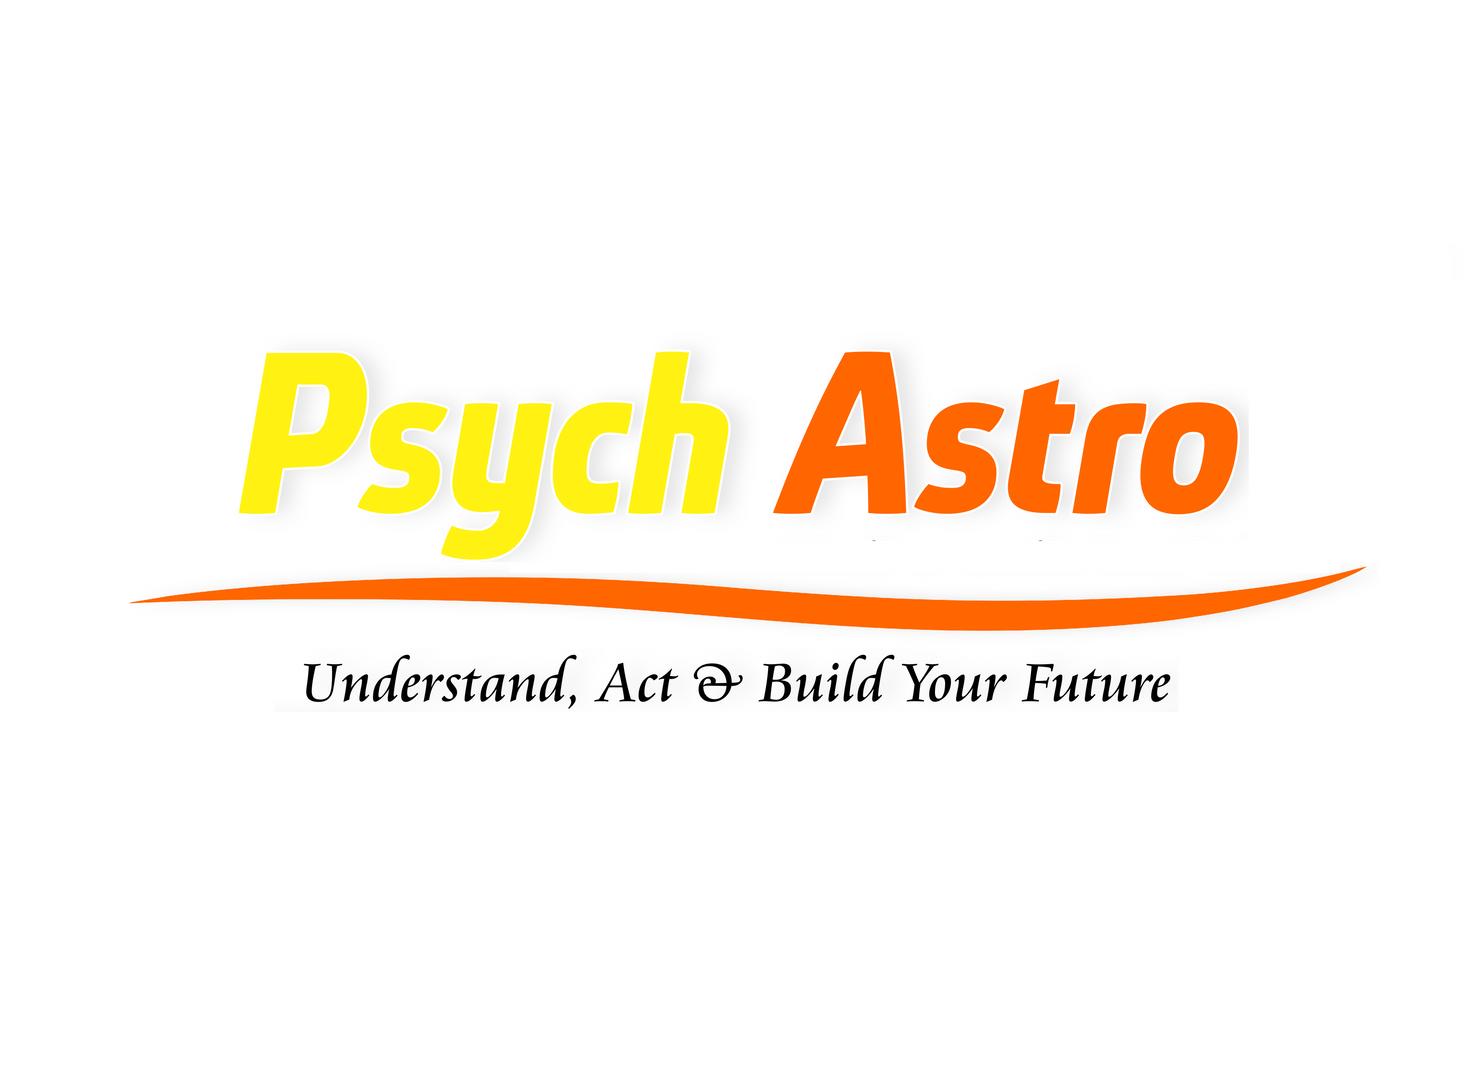 astro logo 2 - Copy - Copy.png